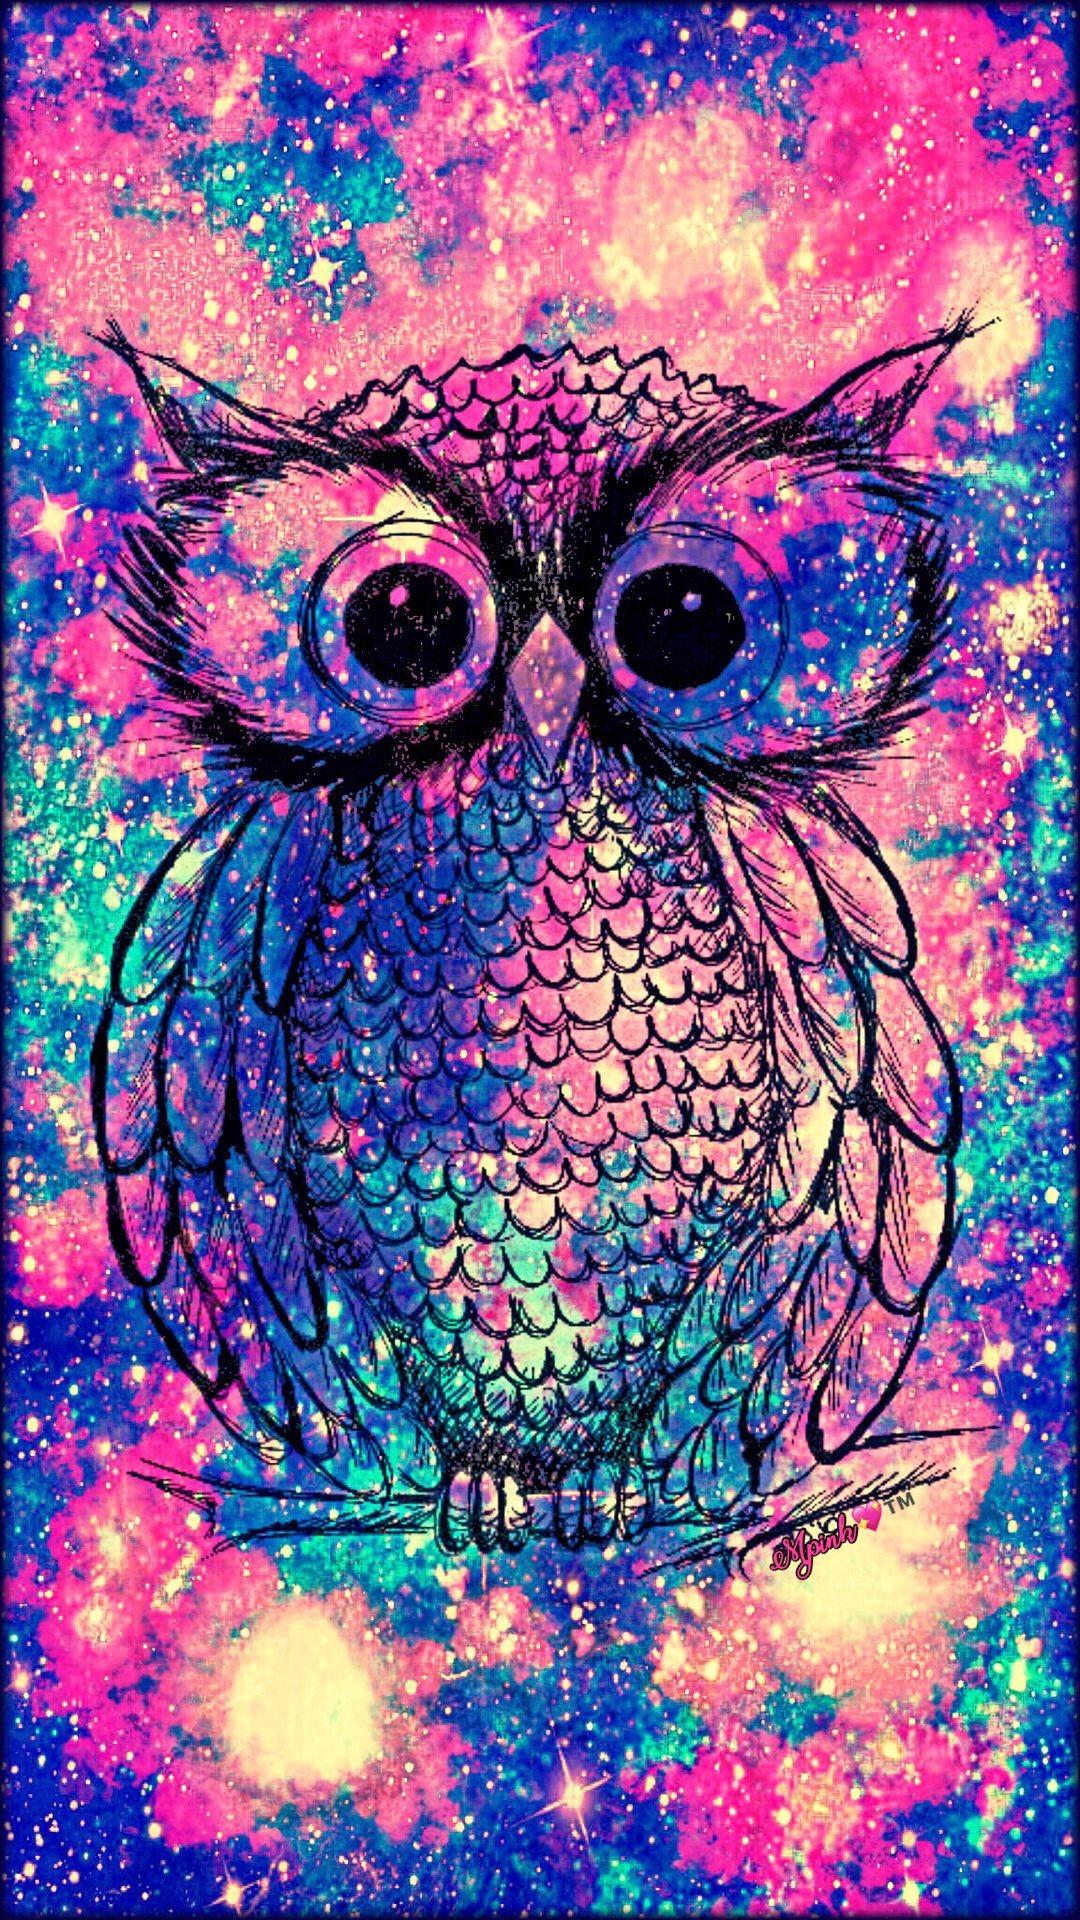 Res: 1080x1920, Vintage Owl Galaxy Wallpaper #androidwallpaper #iphonewallpaper #wallpaper  #galaxy #sparkle #glitter